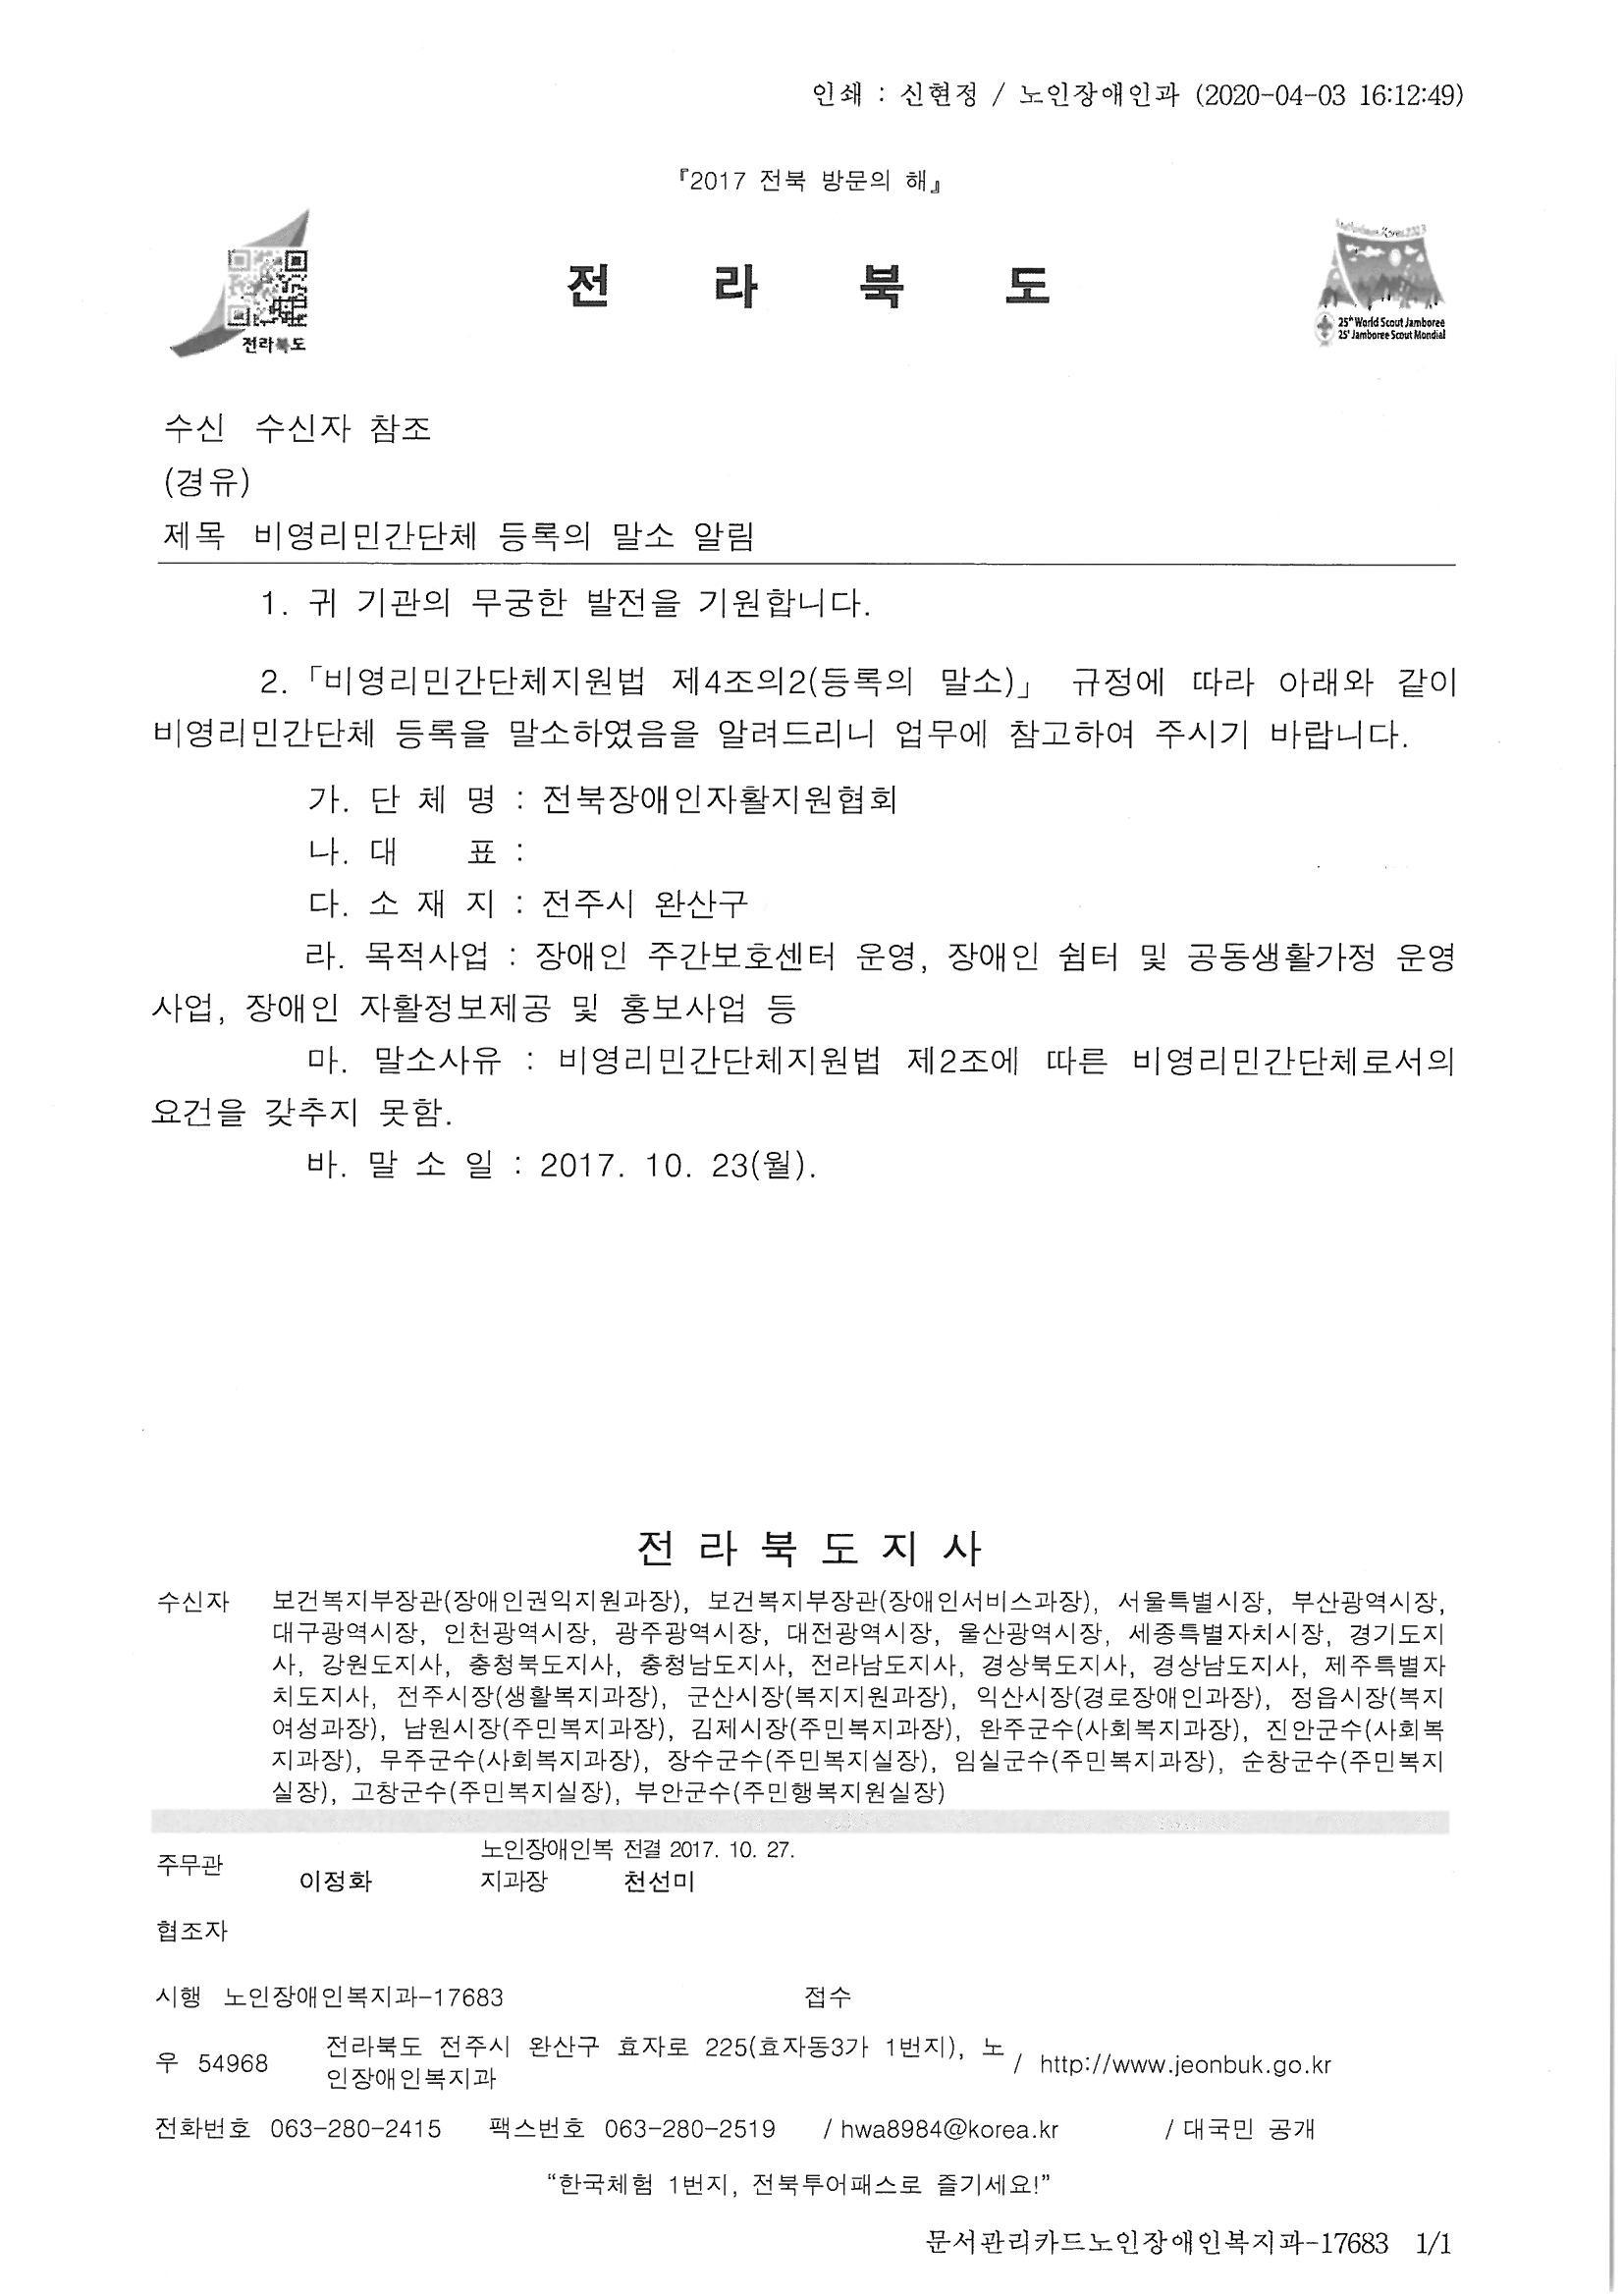 전북도 노인장애인과-17683(2017.10.27)호-전북장애인자활지원협회 단체등록 말소 알림.jpg